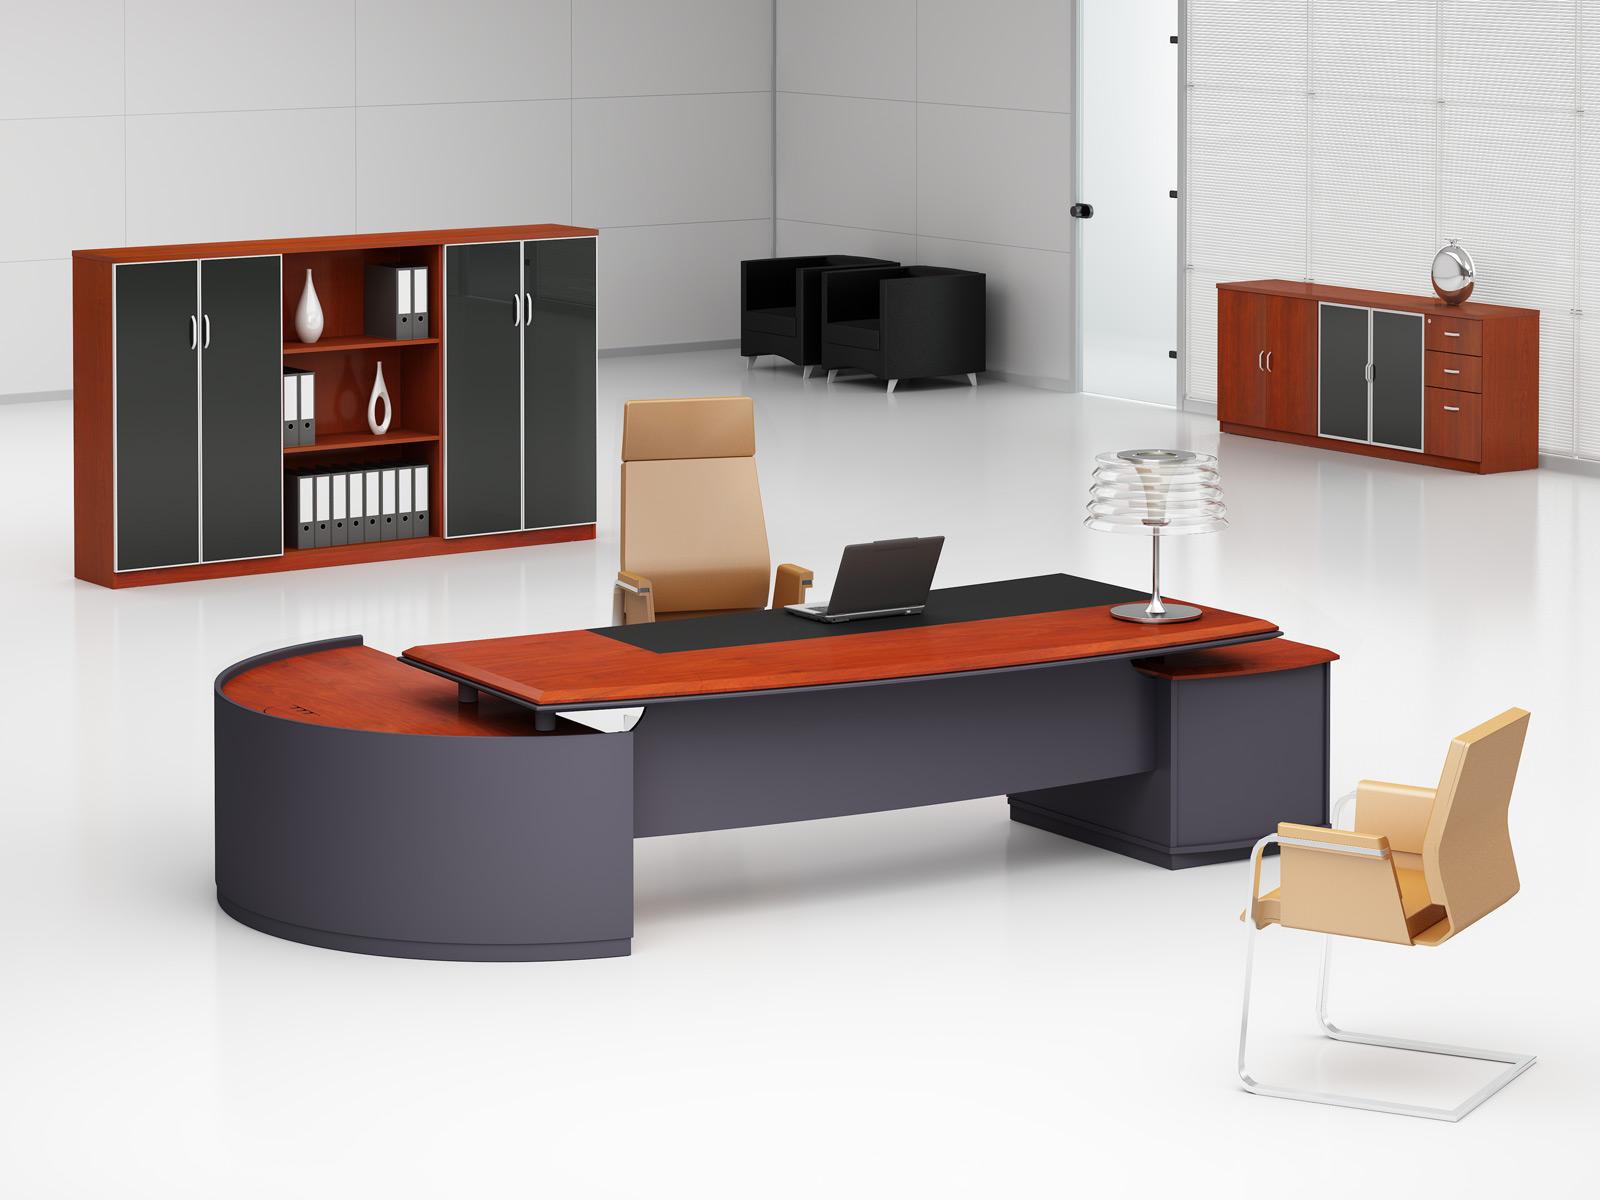 5 Tipps für eine stylische Büroeinrichtung | Büromöbel Blog und Ratgeber